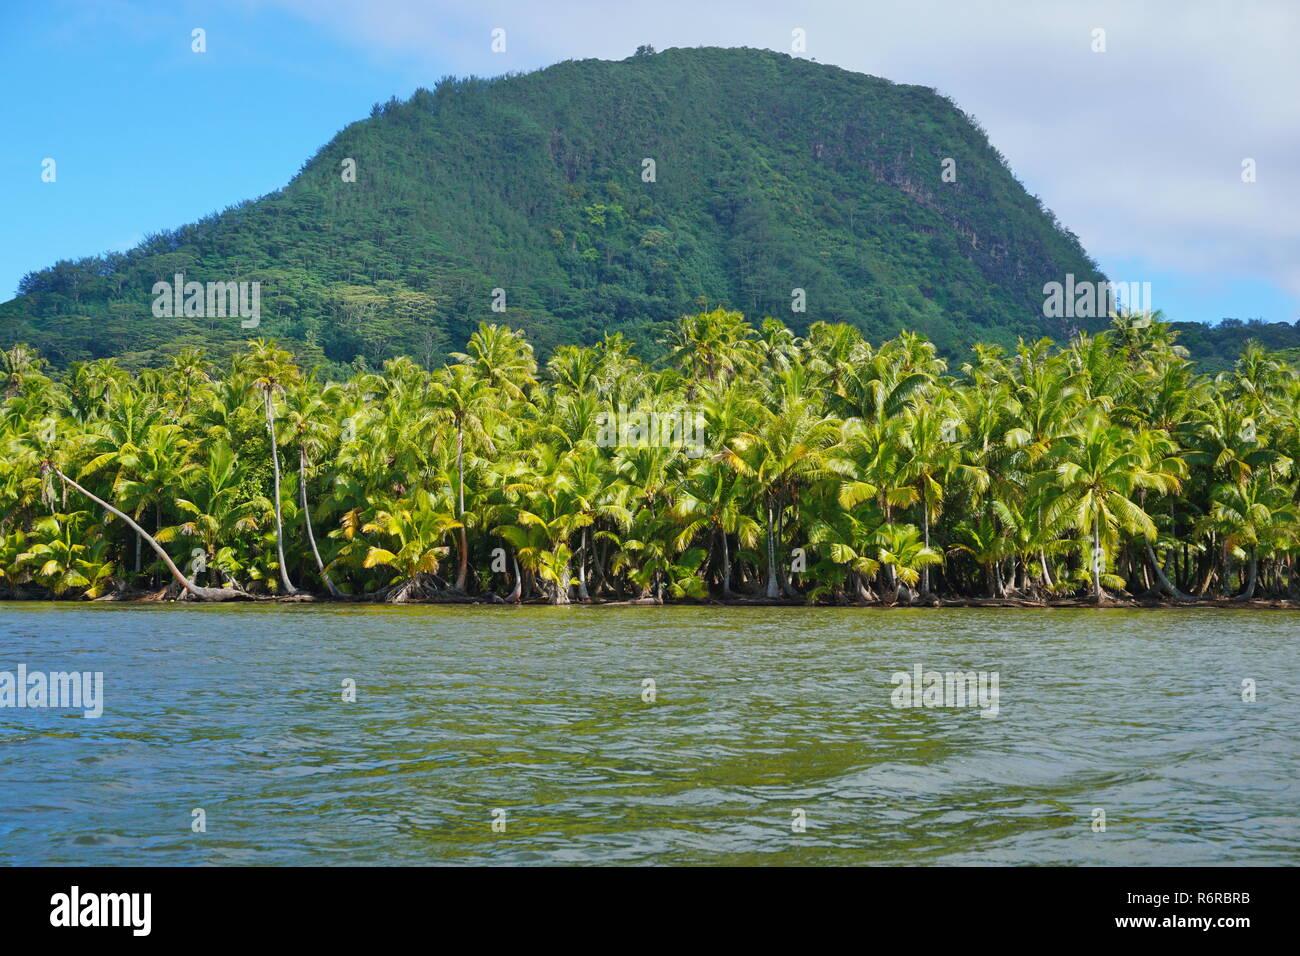 Les cocotiers luxuriants sur la rive du lac Fauna Nui avec le mont Moua Tapu en arrière-plan, l'île de Huahine, Polynésie Française, Pacifique sud Photo Stock